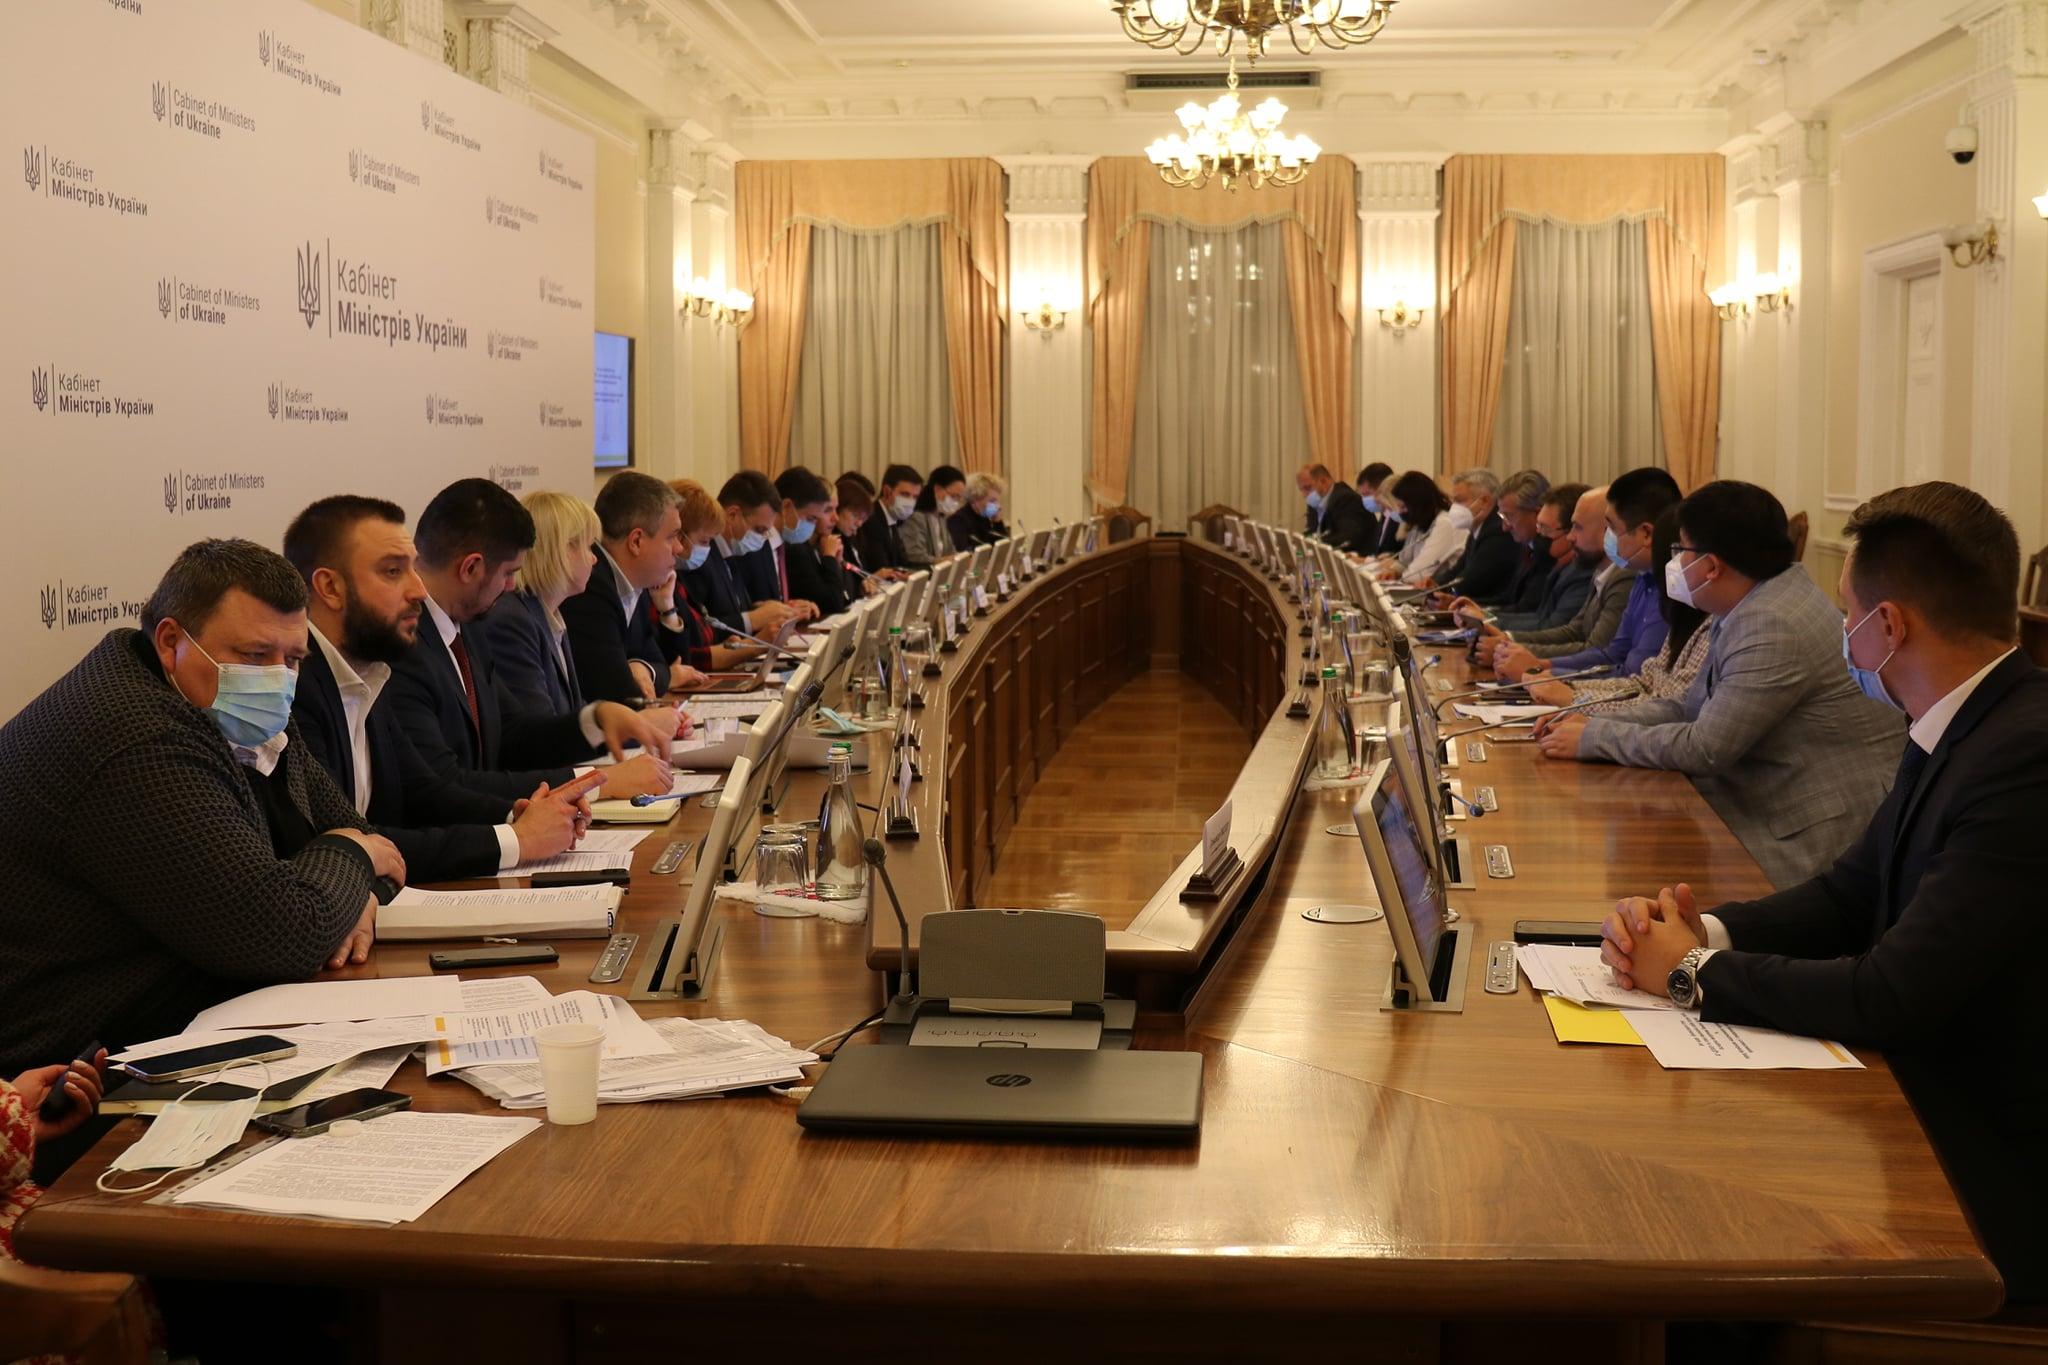 Робоча група ДПЗКУ шукає варіанти розв'язання проблеми зобов'язань перед Ексімбанком Китаю